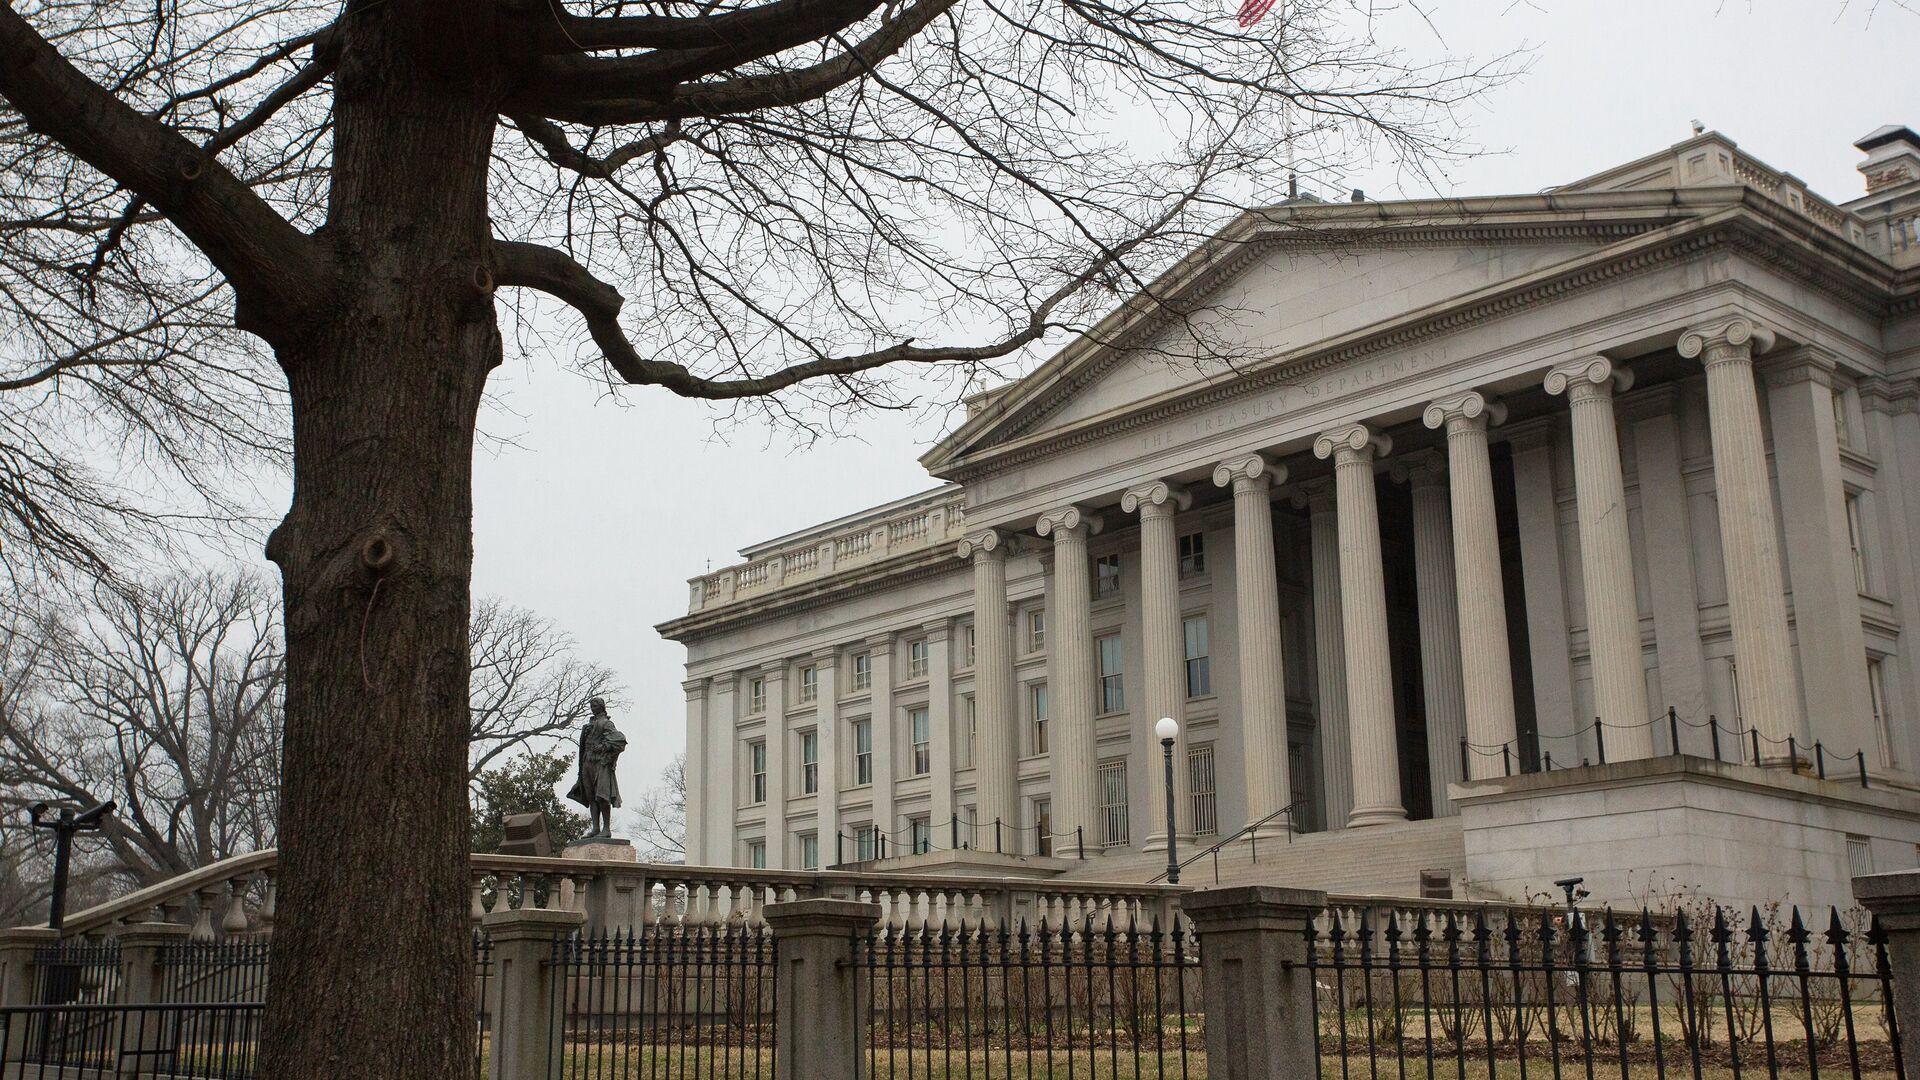 Министерство финансов США в Вашингтоне - РИА Новости, 1920, 15.01.2021